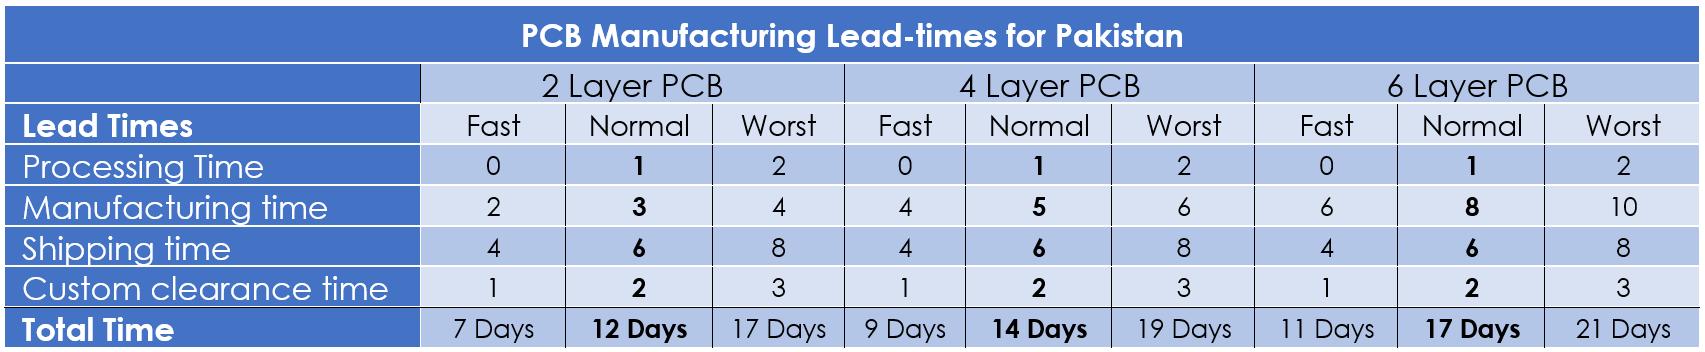 PCB Lead Times